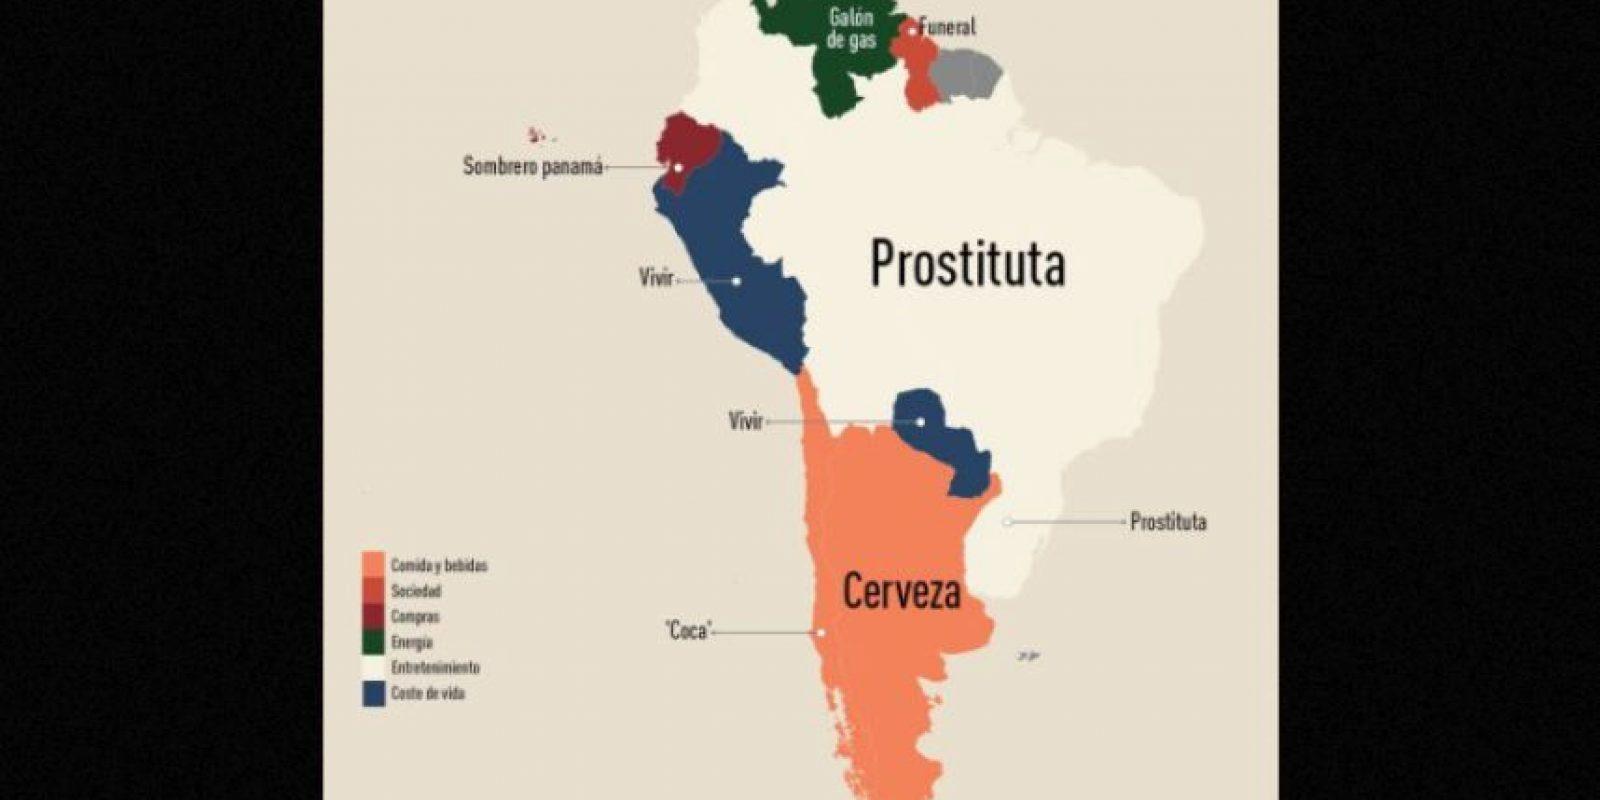 América del Sur Foto:Fixr.com